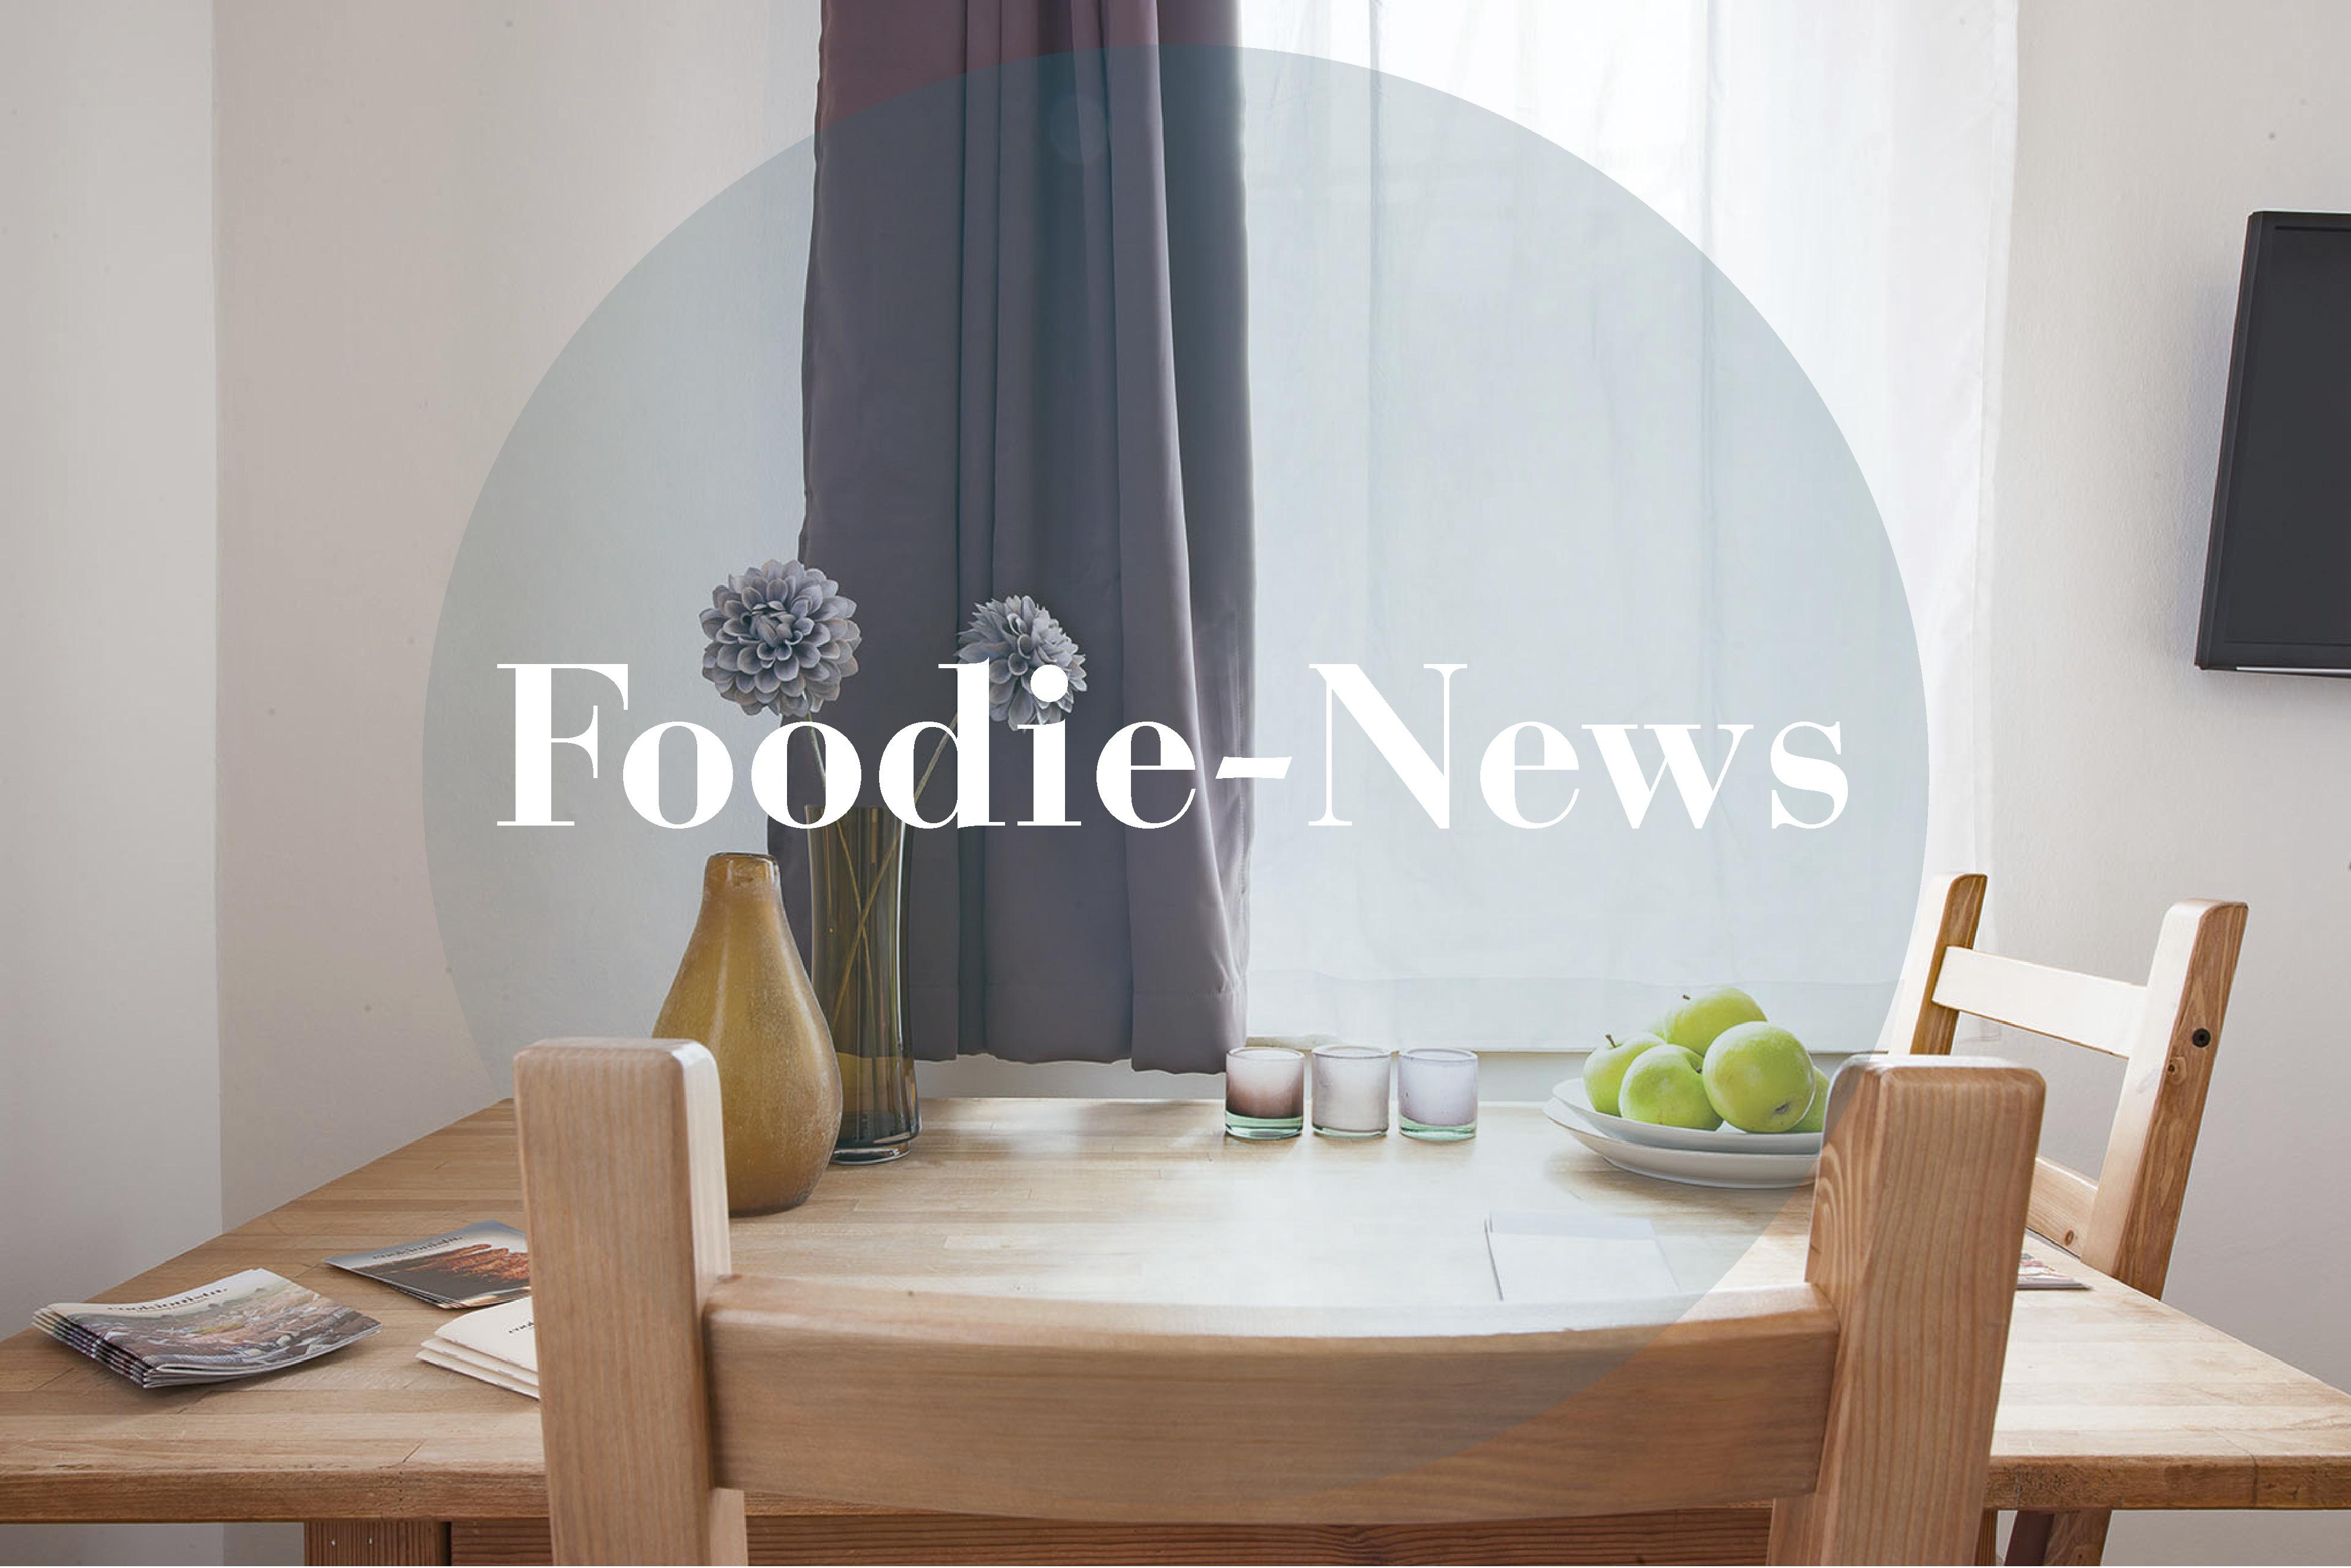 Foodie-News für den Monat Mai